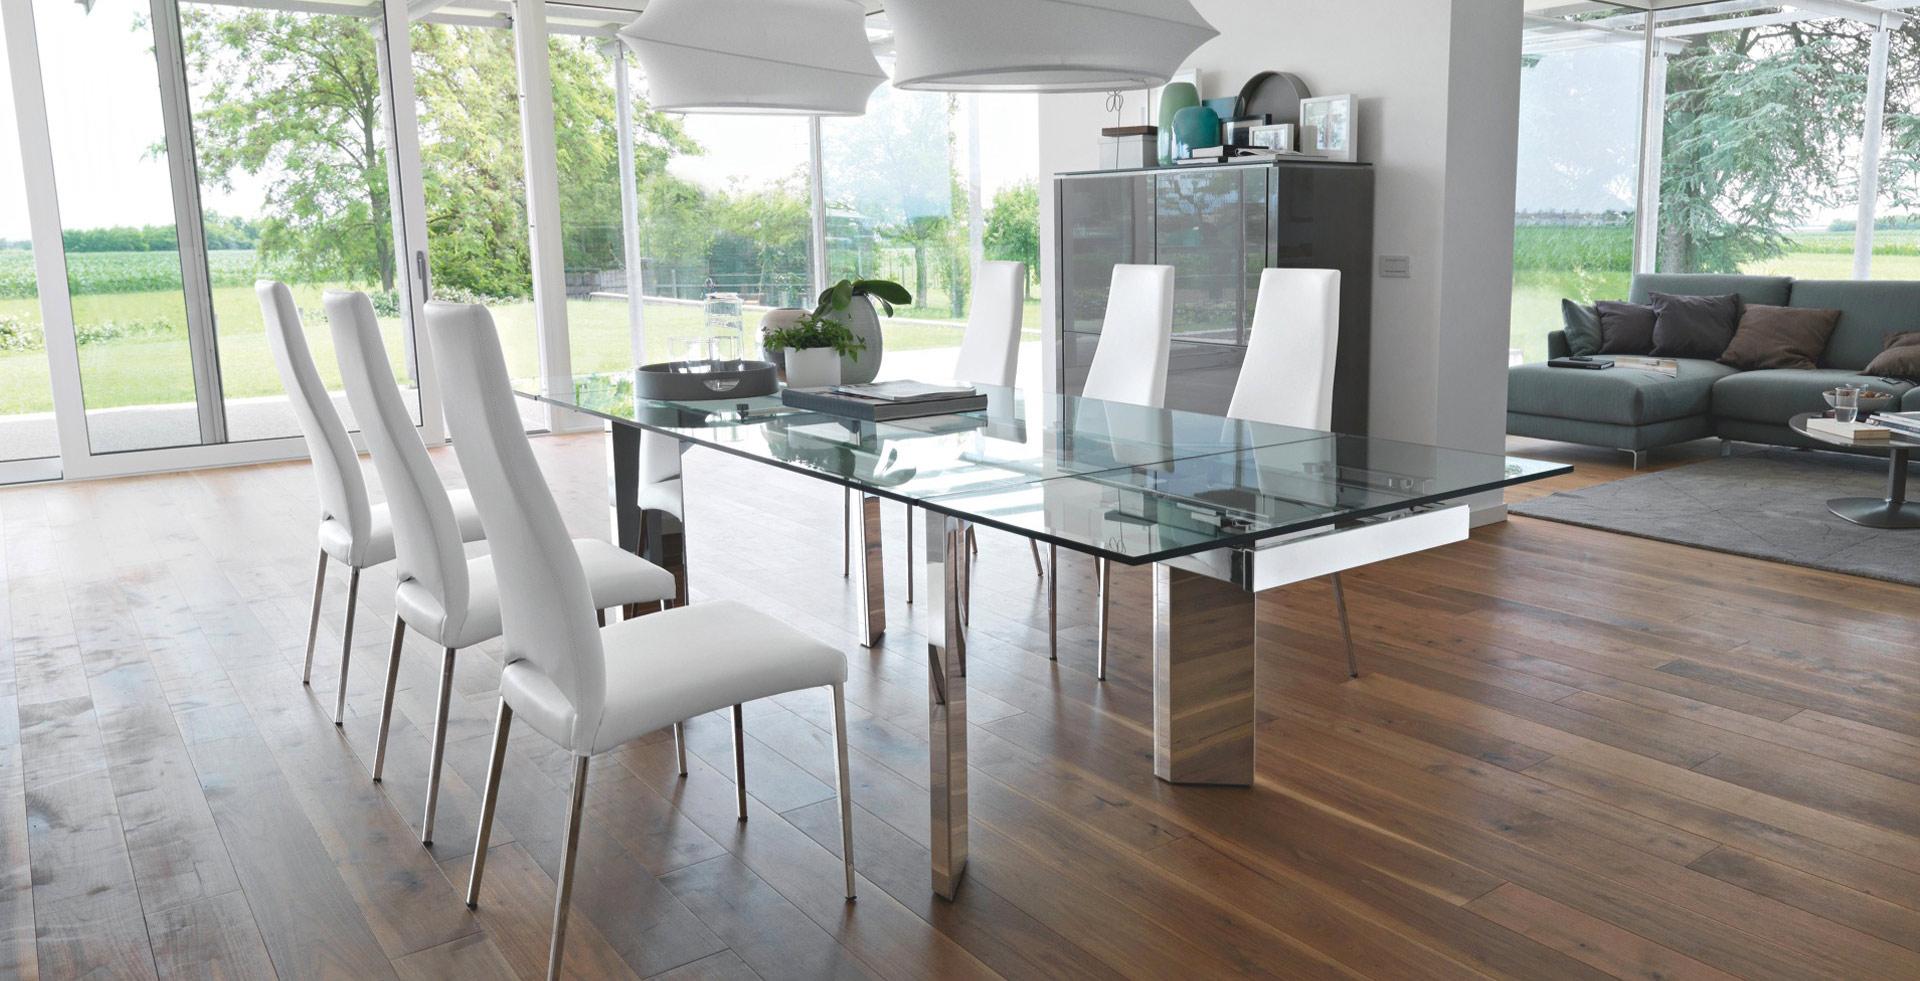 Tavoli e ripiani in cristallo europan glass - Tavoli quadrati in cristallo ...